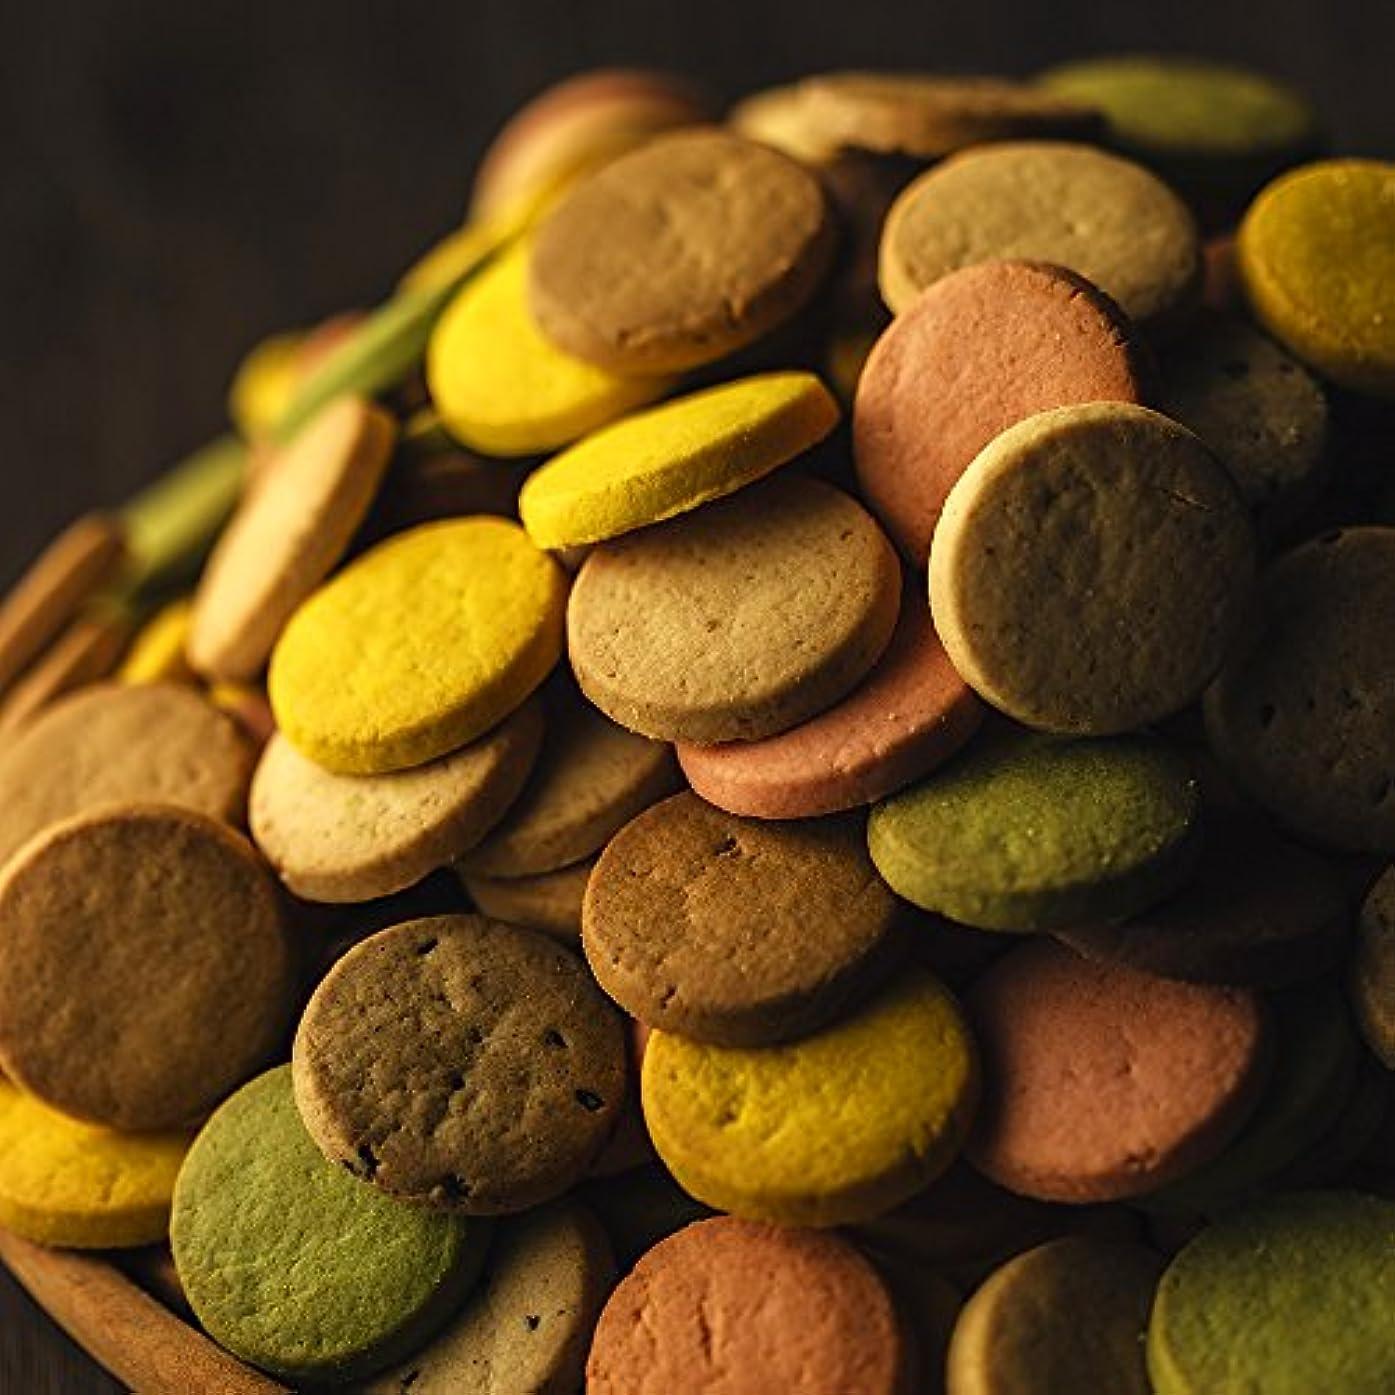 通信網手綱怪しい豆乳おからクッキー蒟蒻マンナン入り 1kg